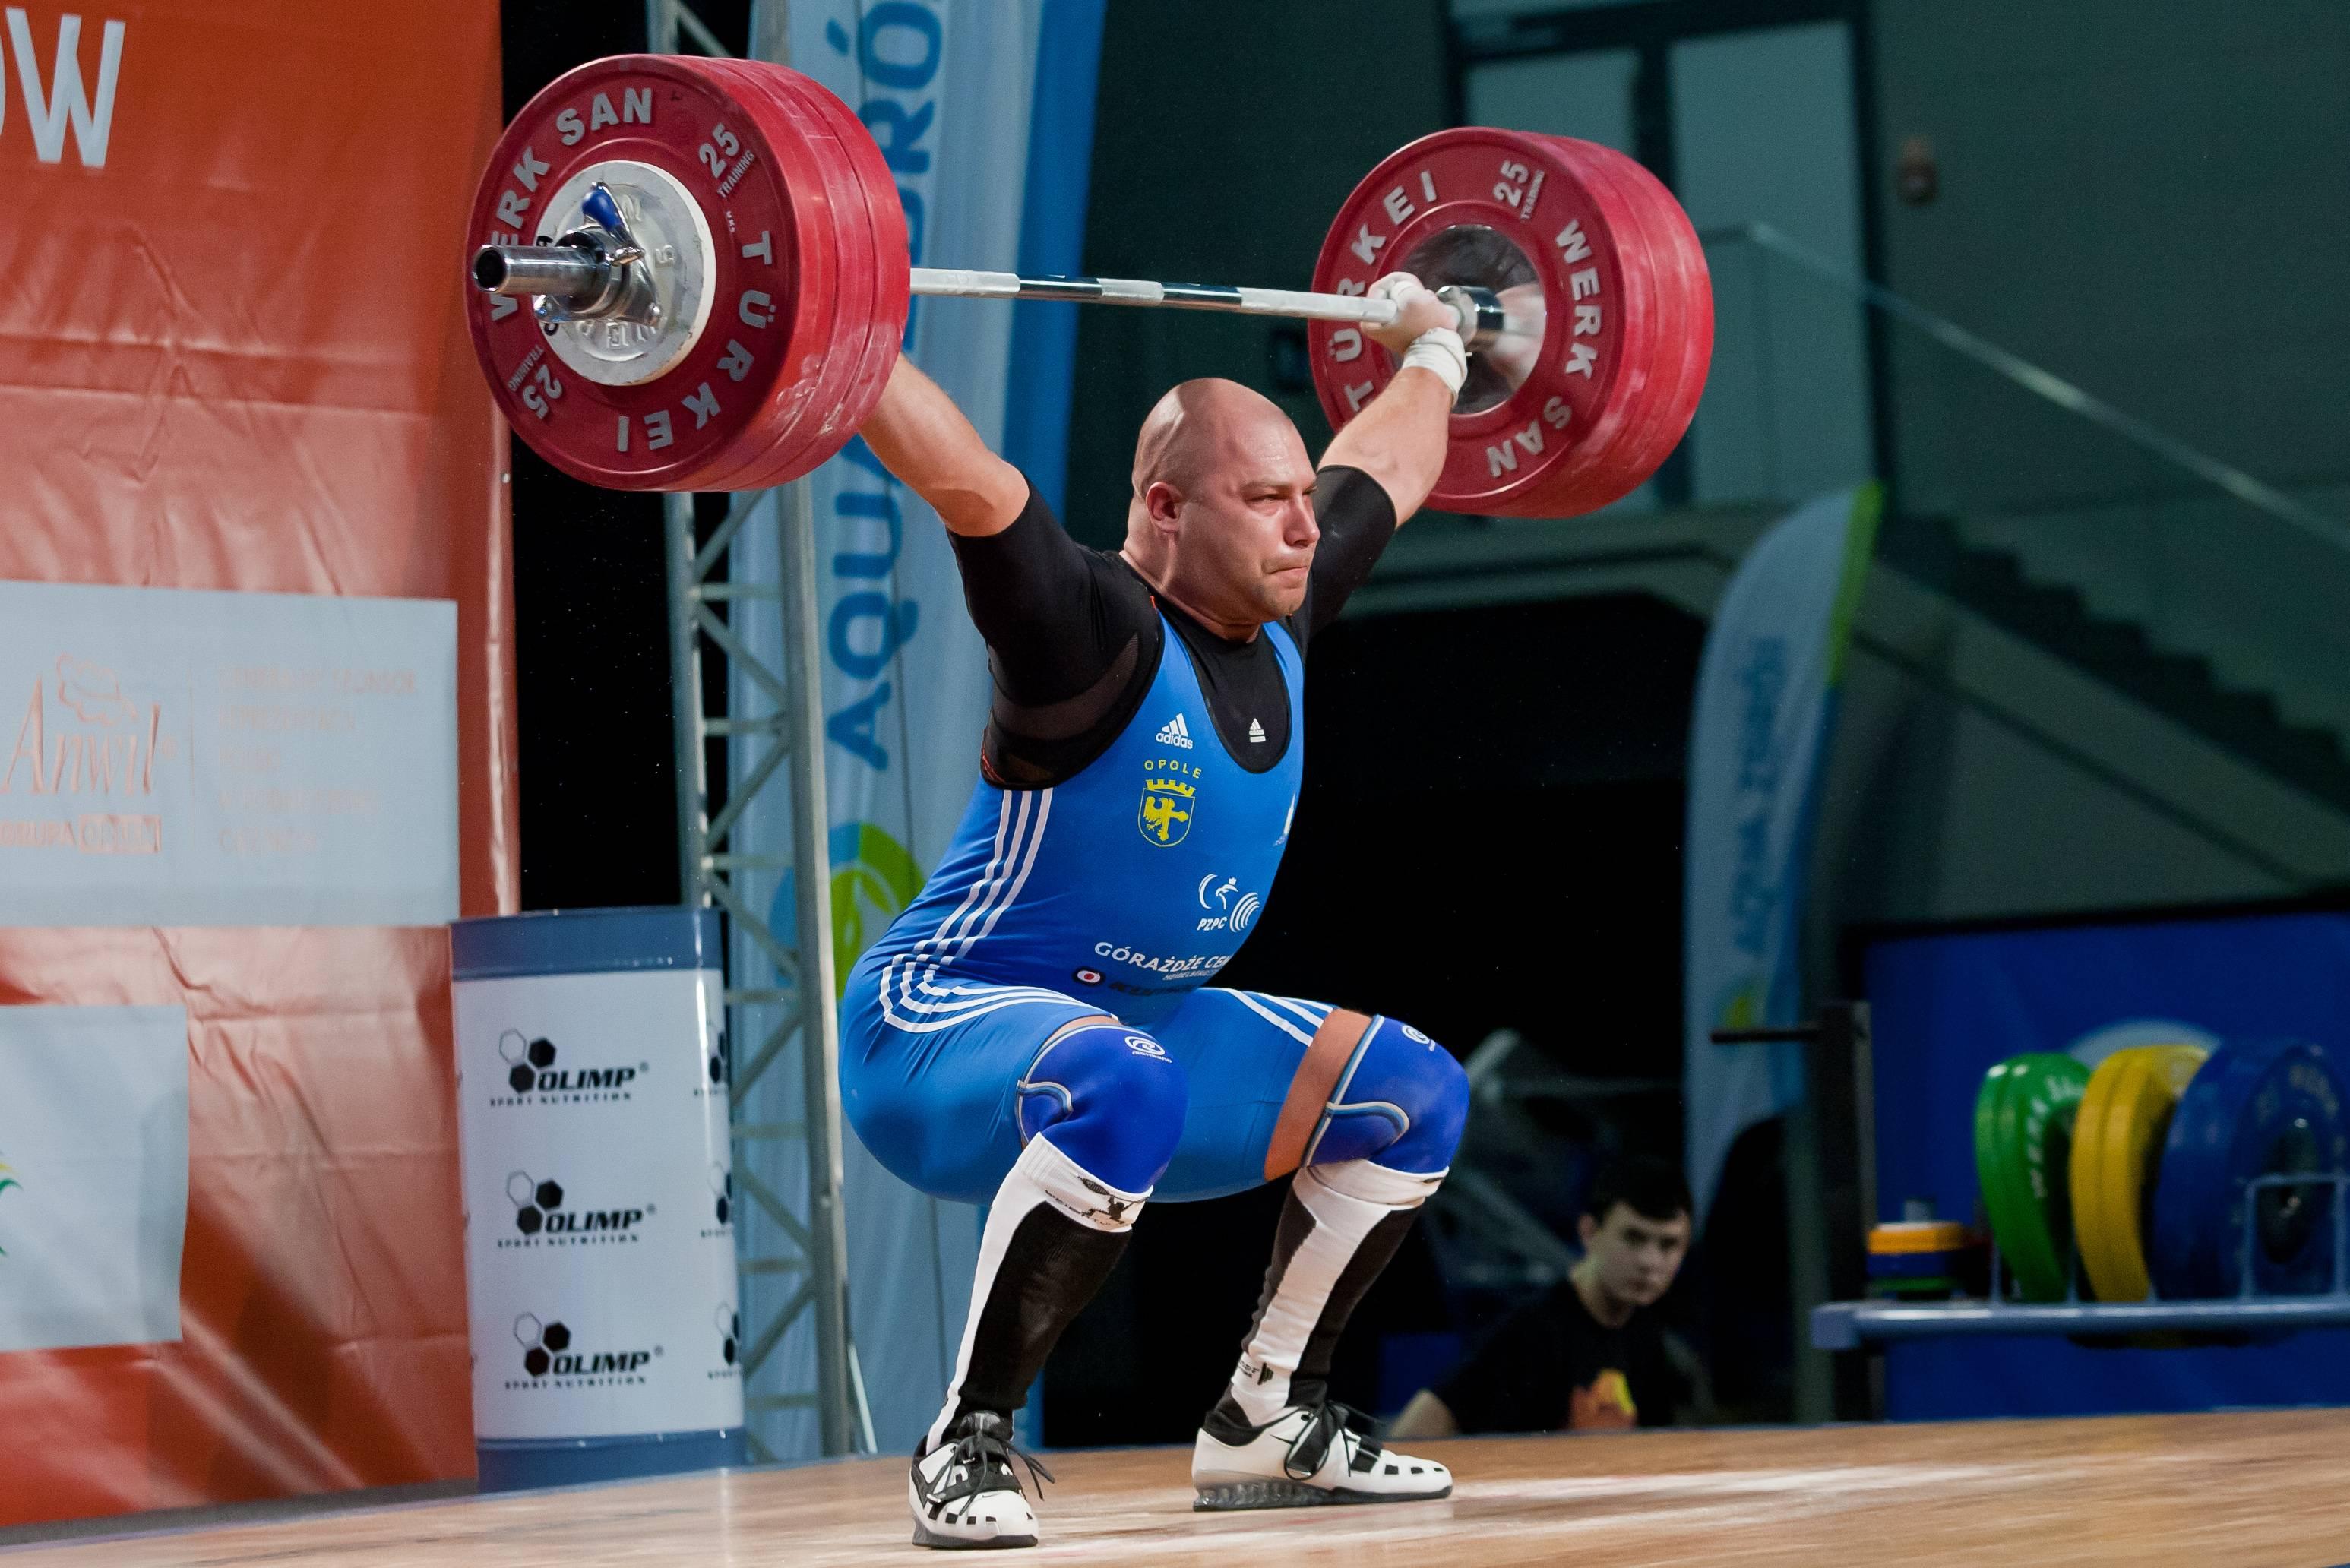 Podnoszenie ciężarów: Bonk może otrzymać srebrny medal igrzysk w Londynie